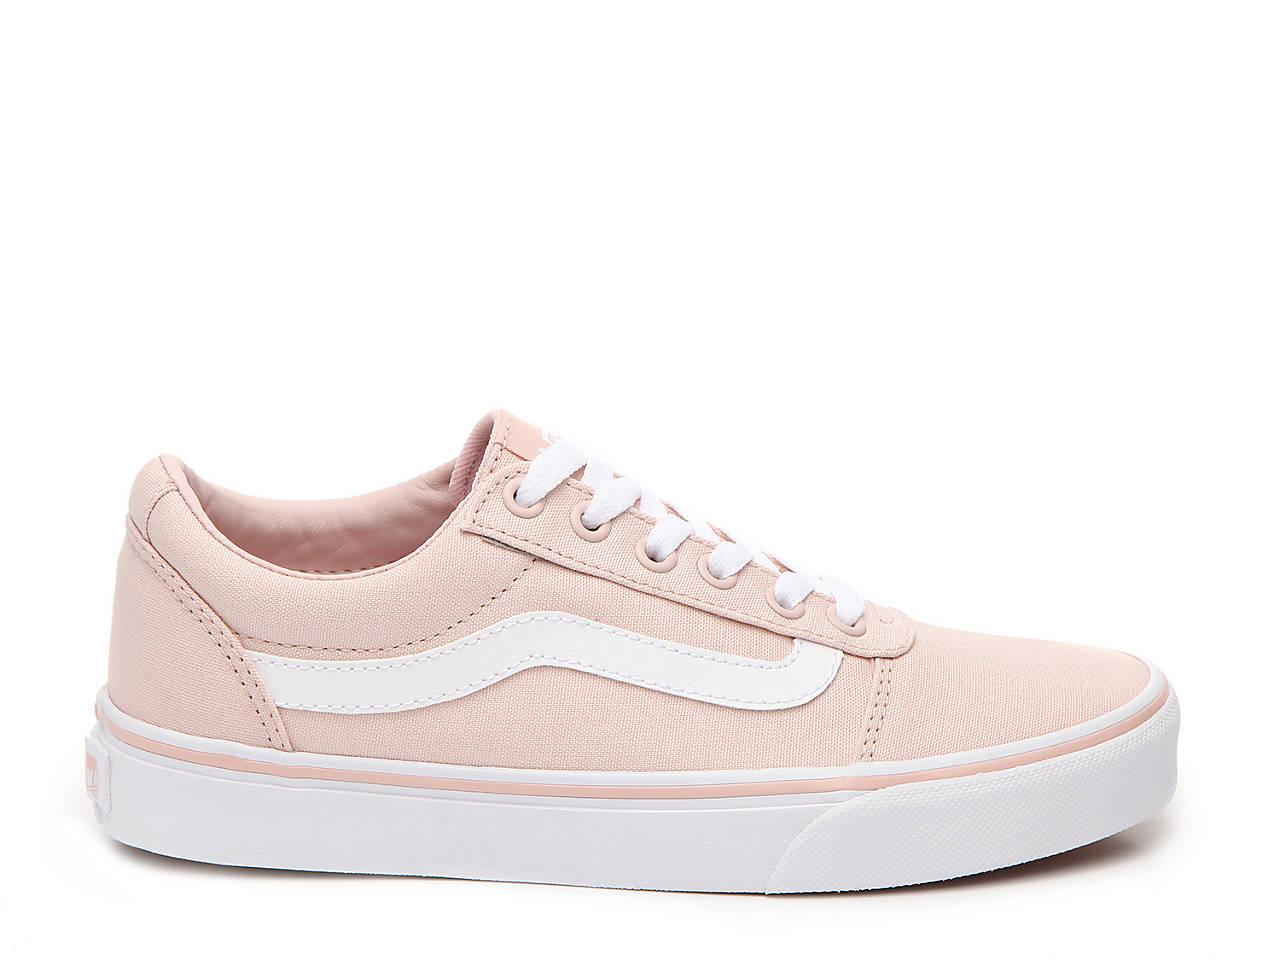 39d5bfffee2 Vans Ward Lo Sneaker - Women s Women s Shoes